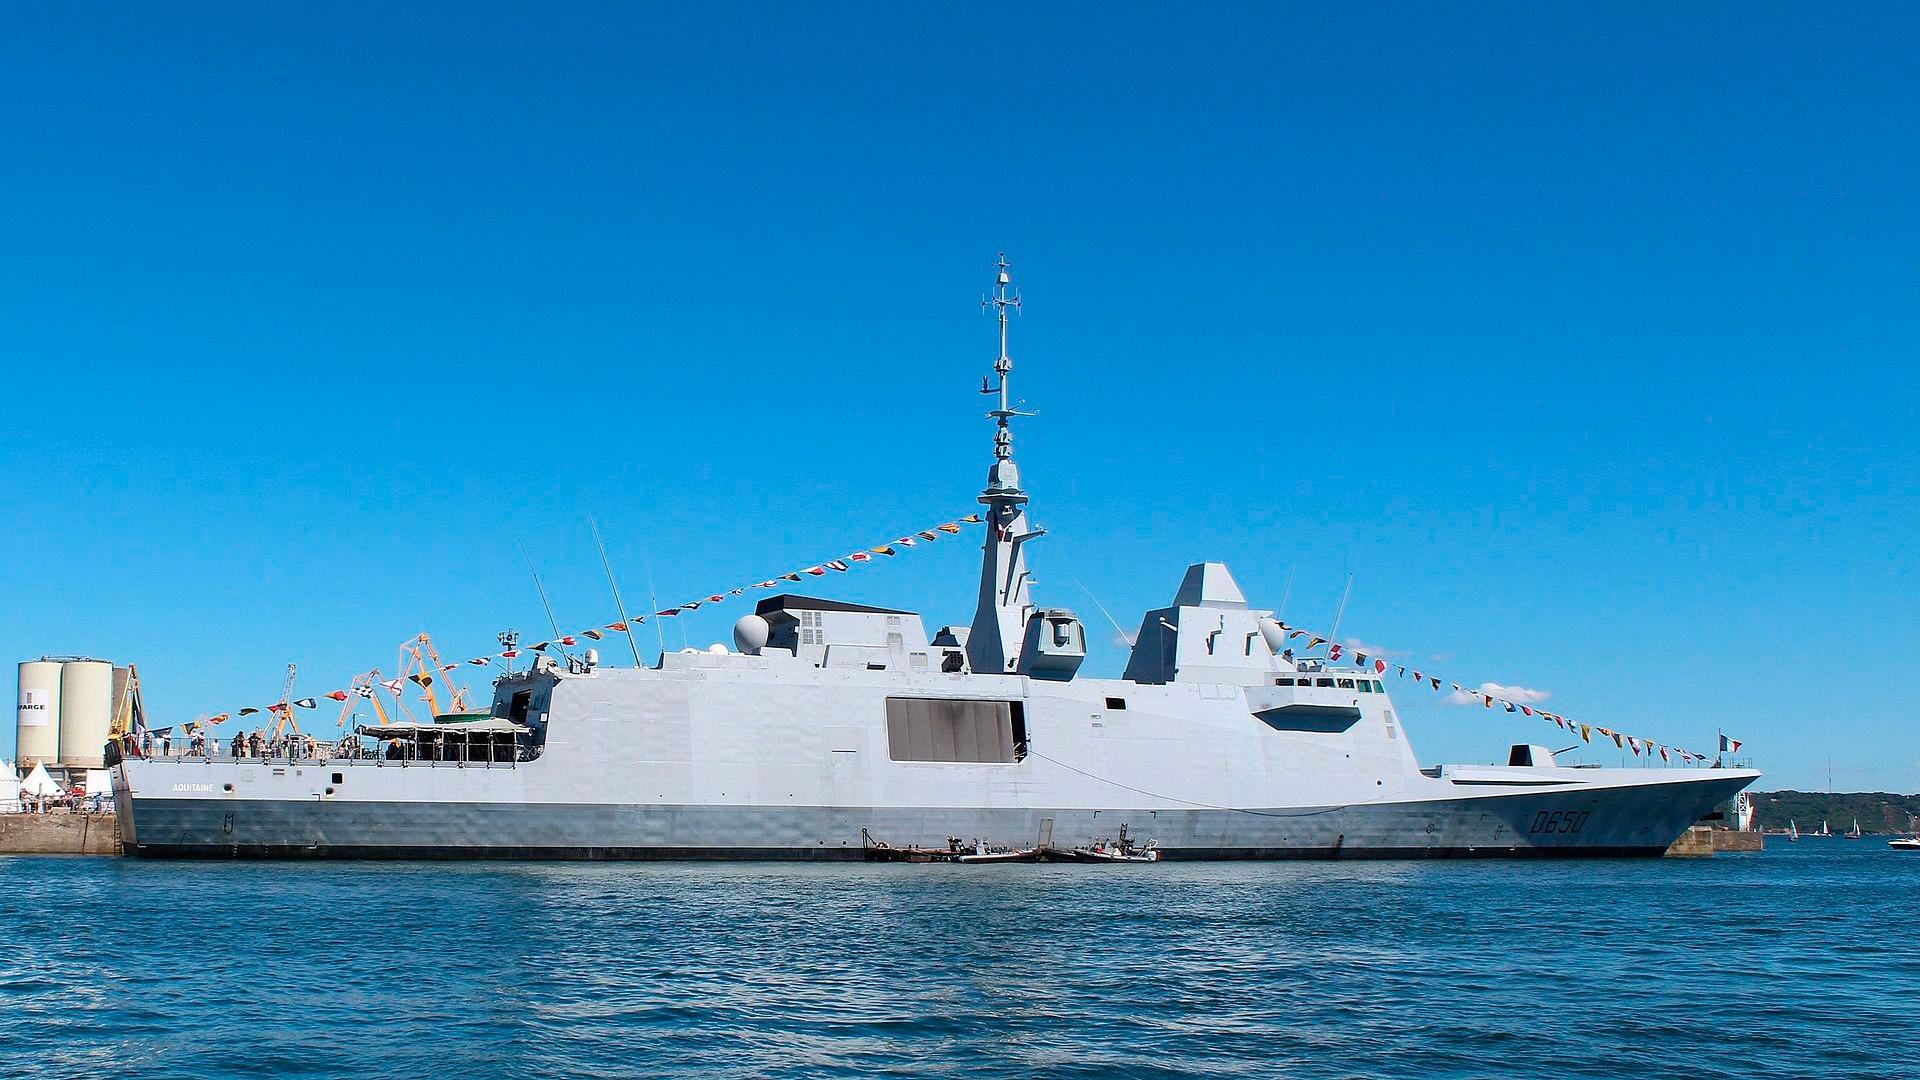 Северный флот РФ приступил к слежению за фрегатом ВМС Франции, зашедшим в Баренцево море